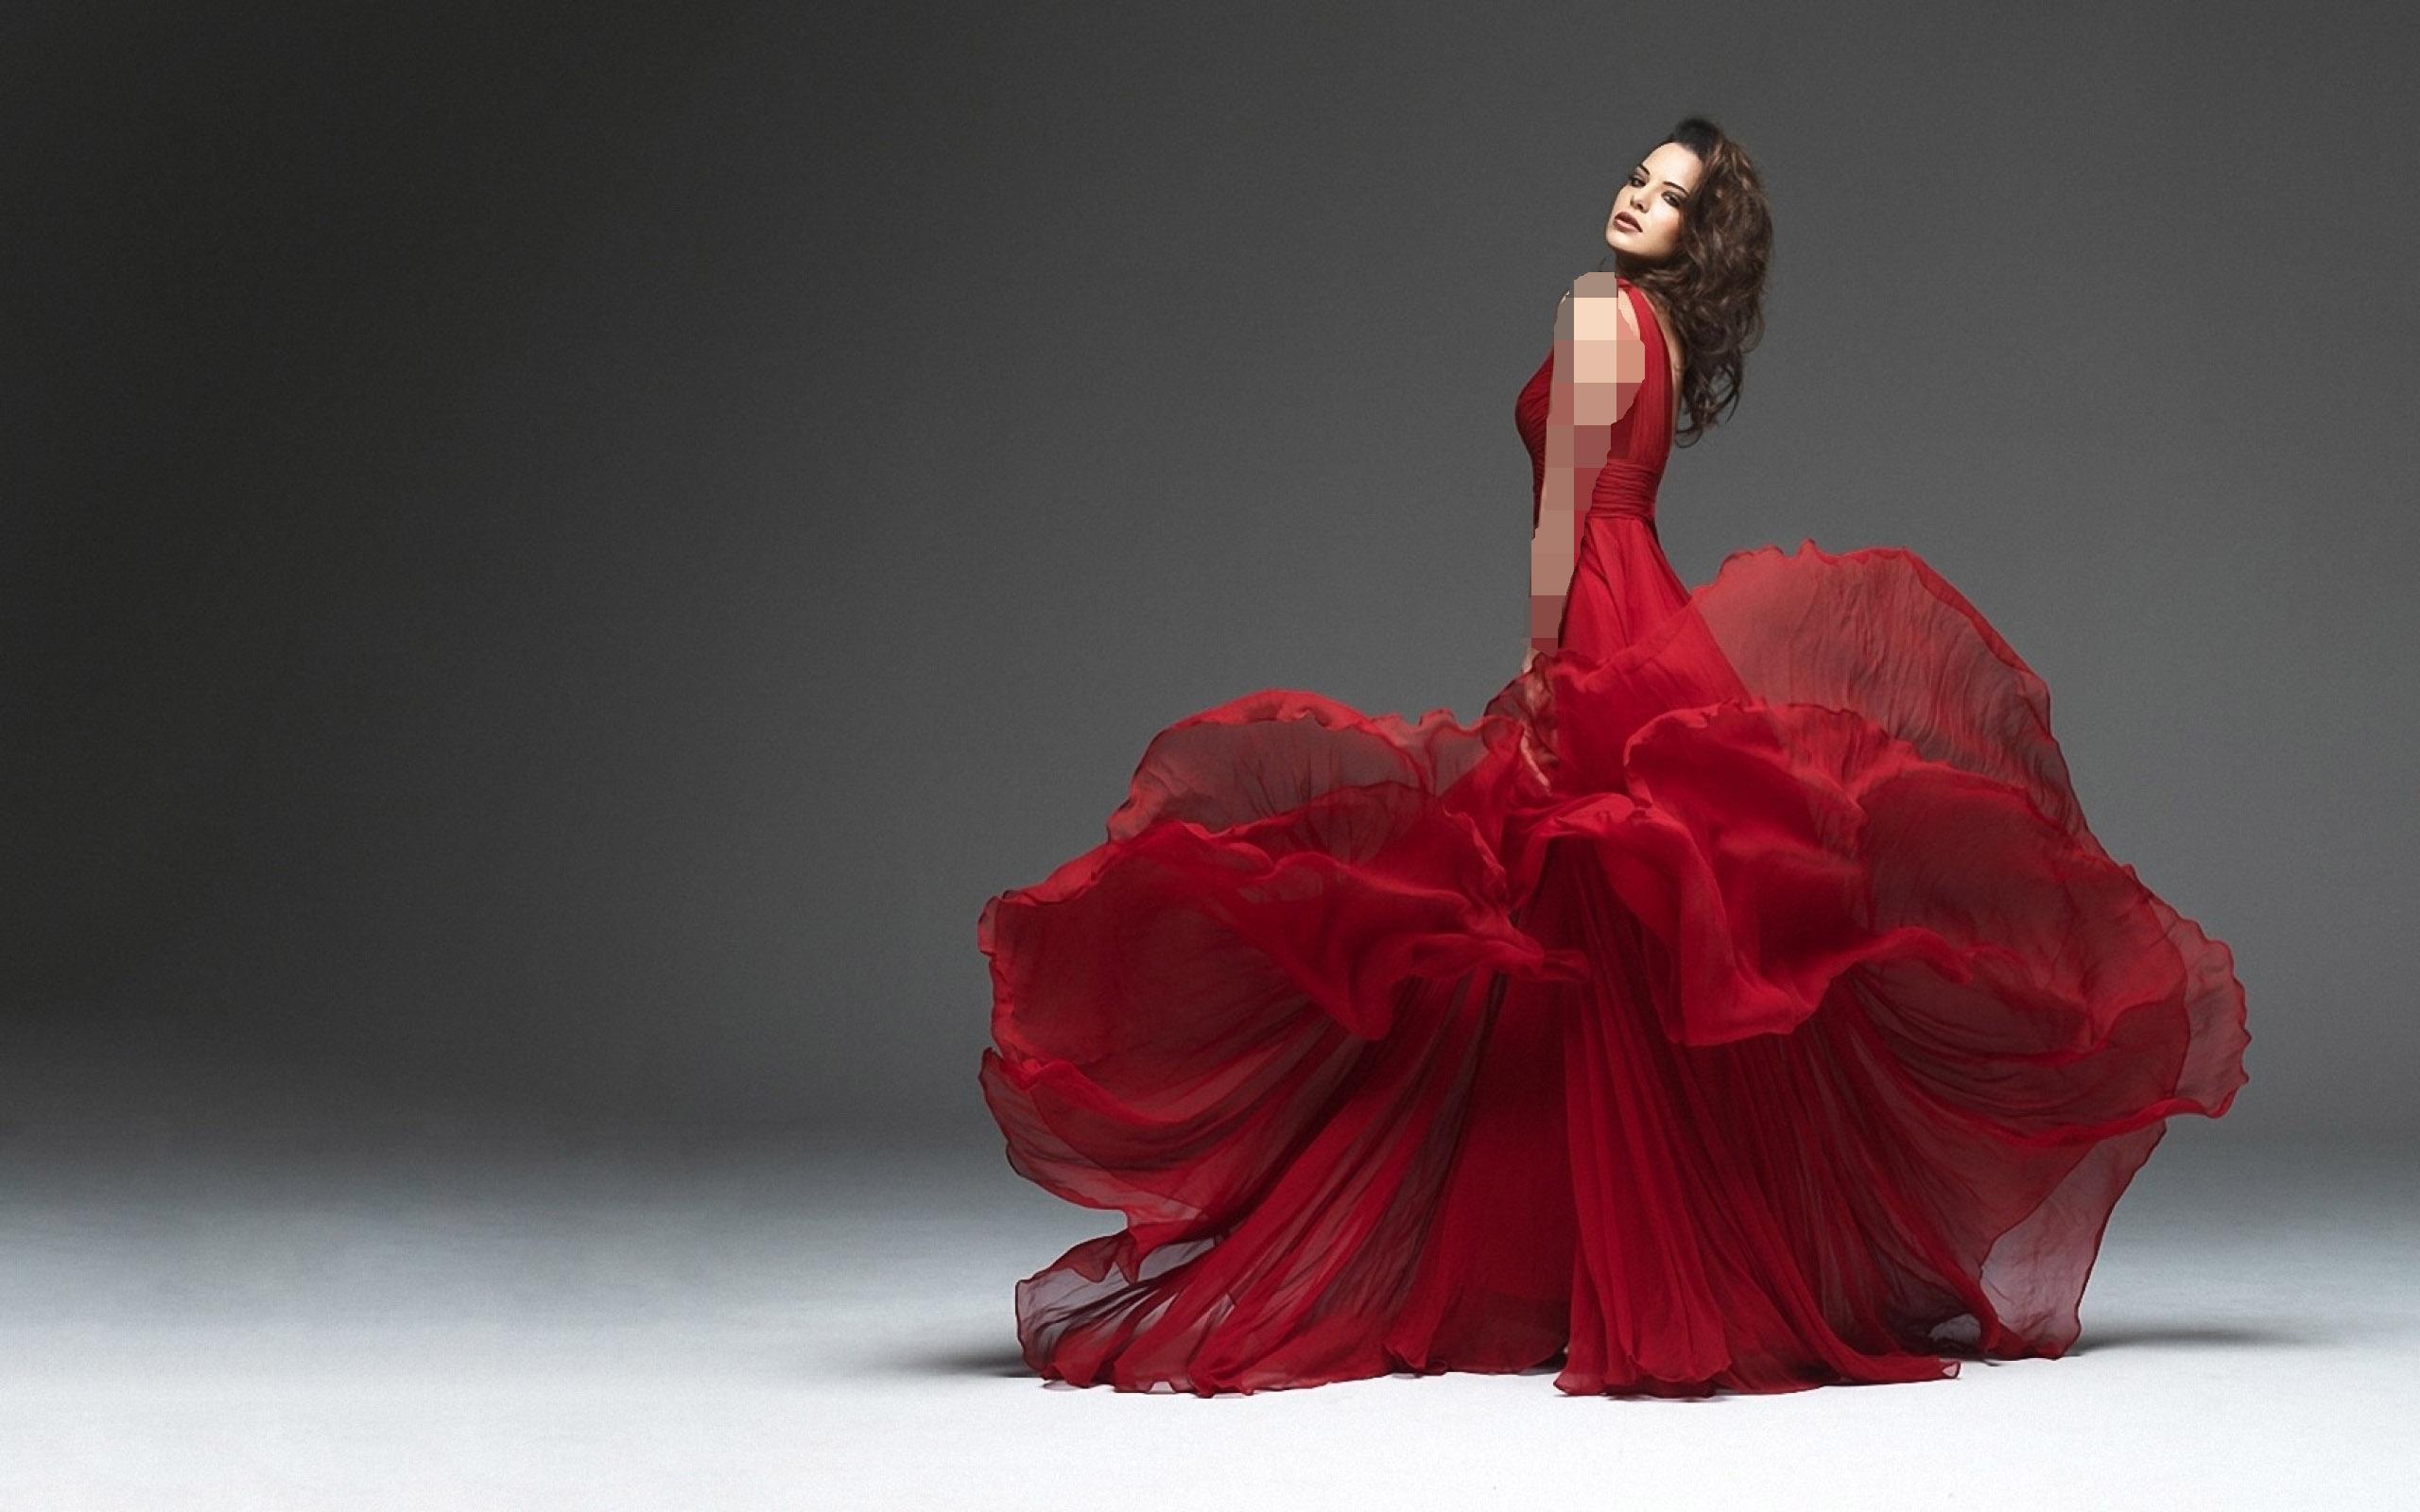 لباس قرمز لاتین و موی تیره